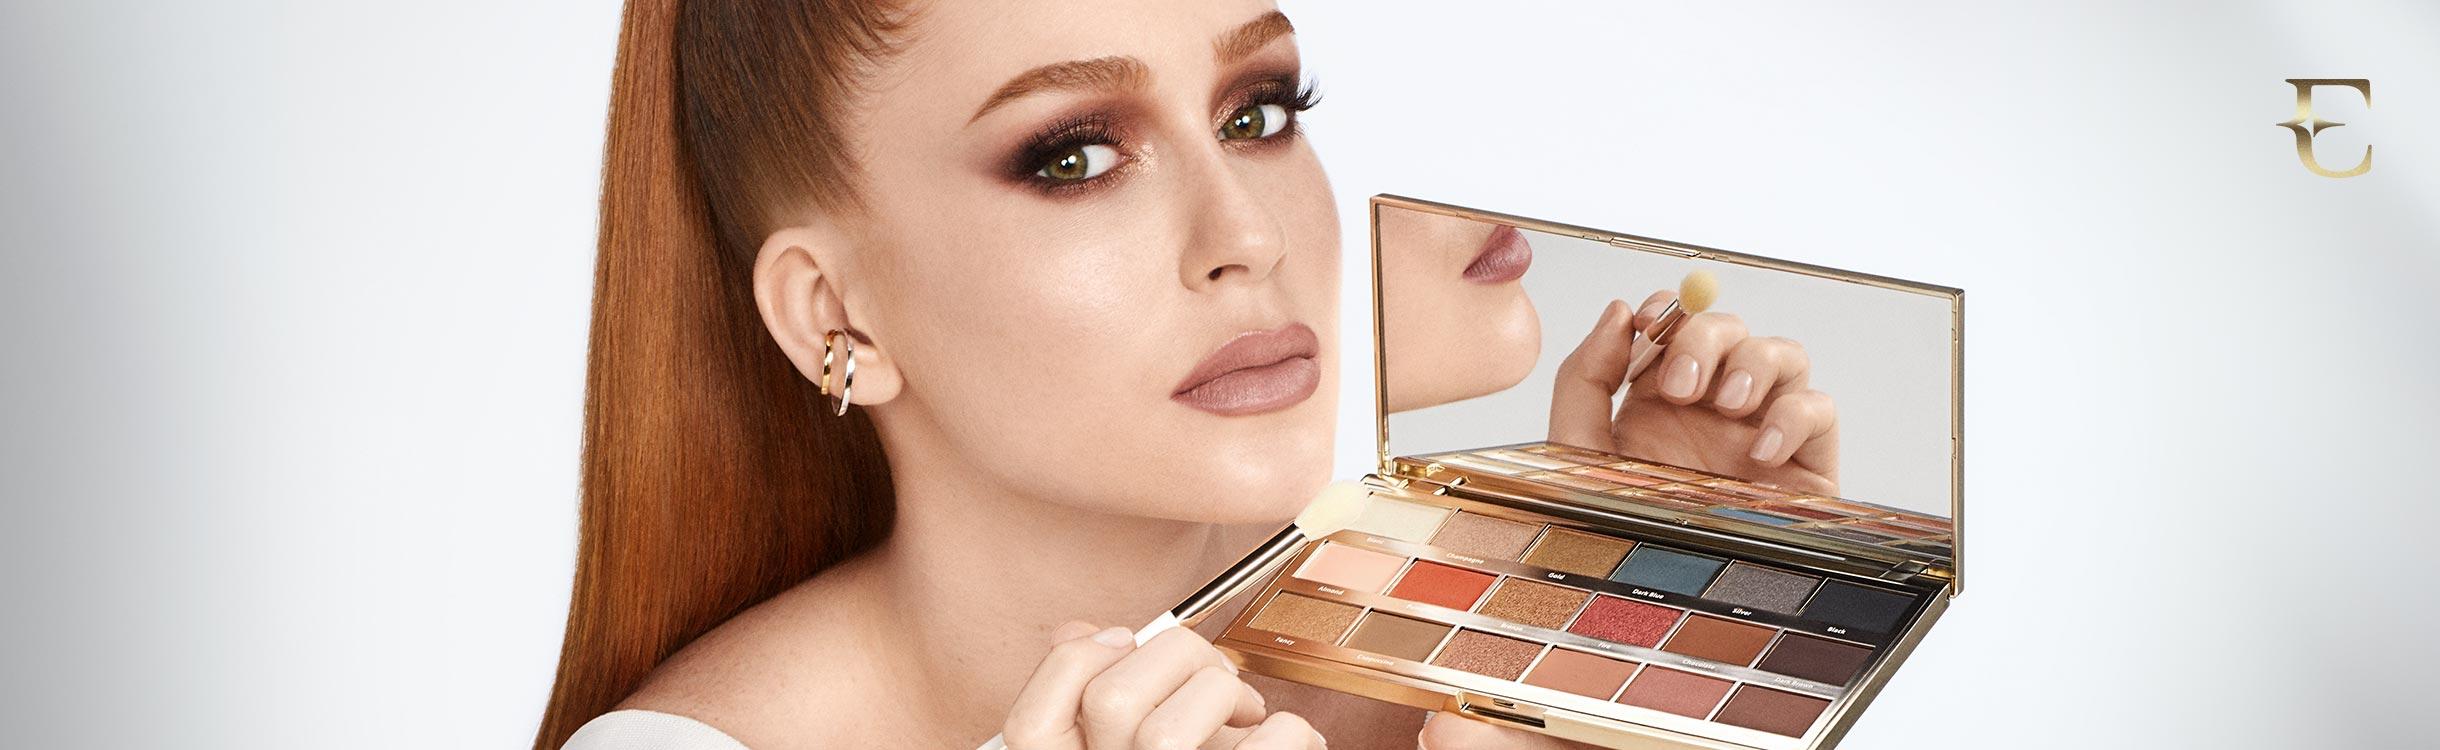 Glam: Paleta de Sombra